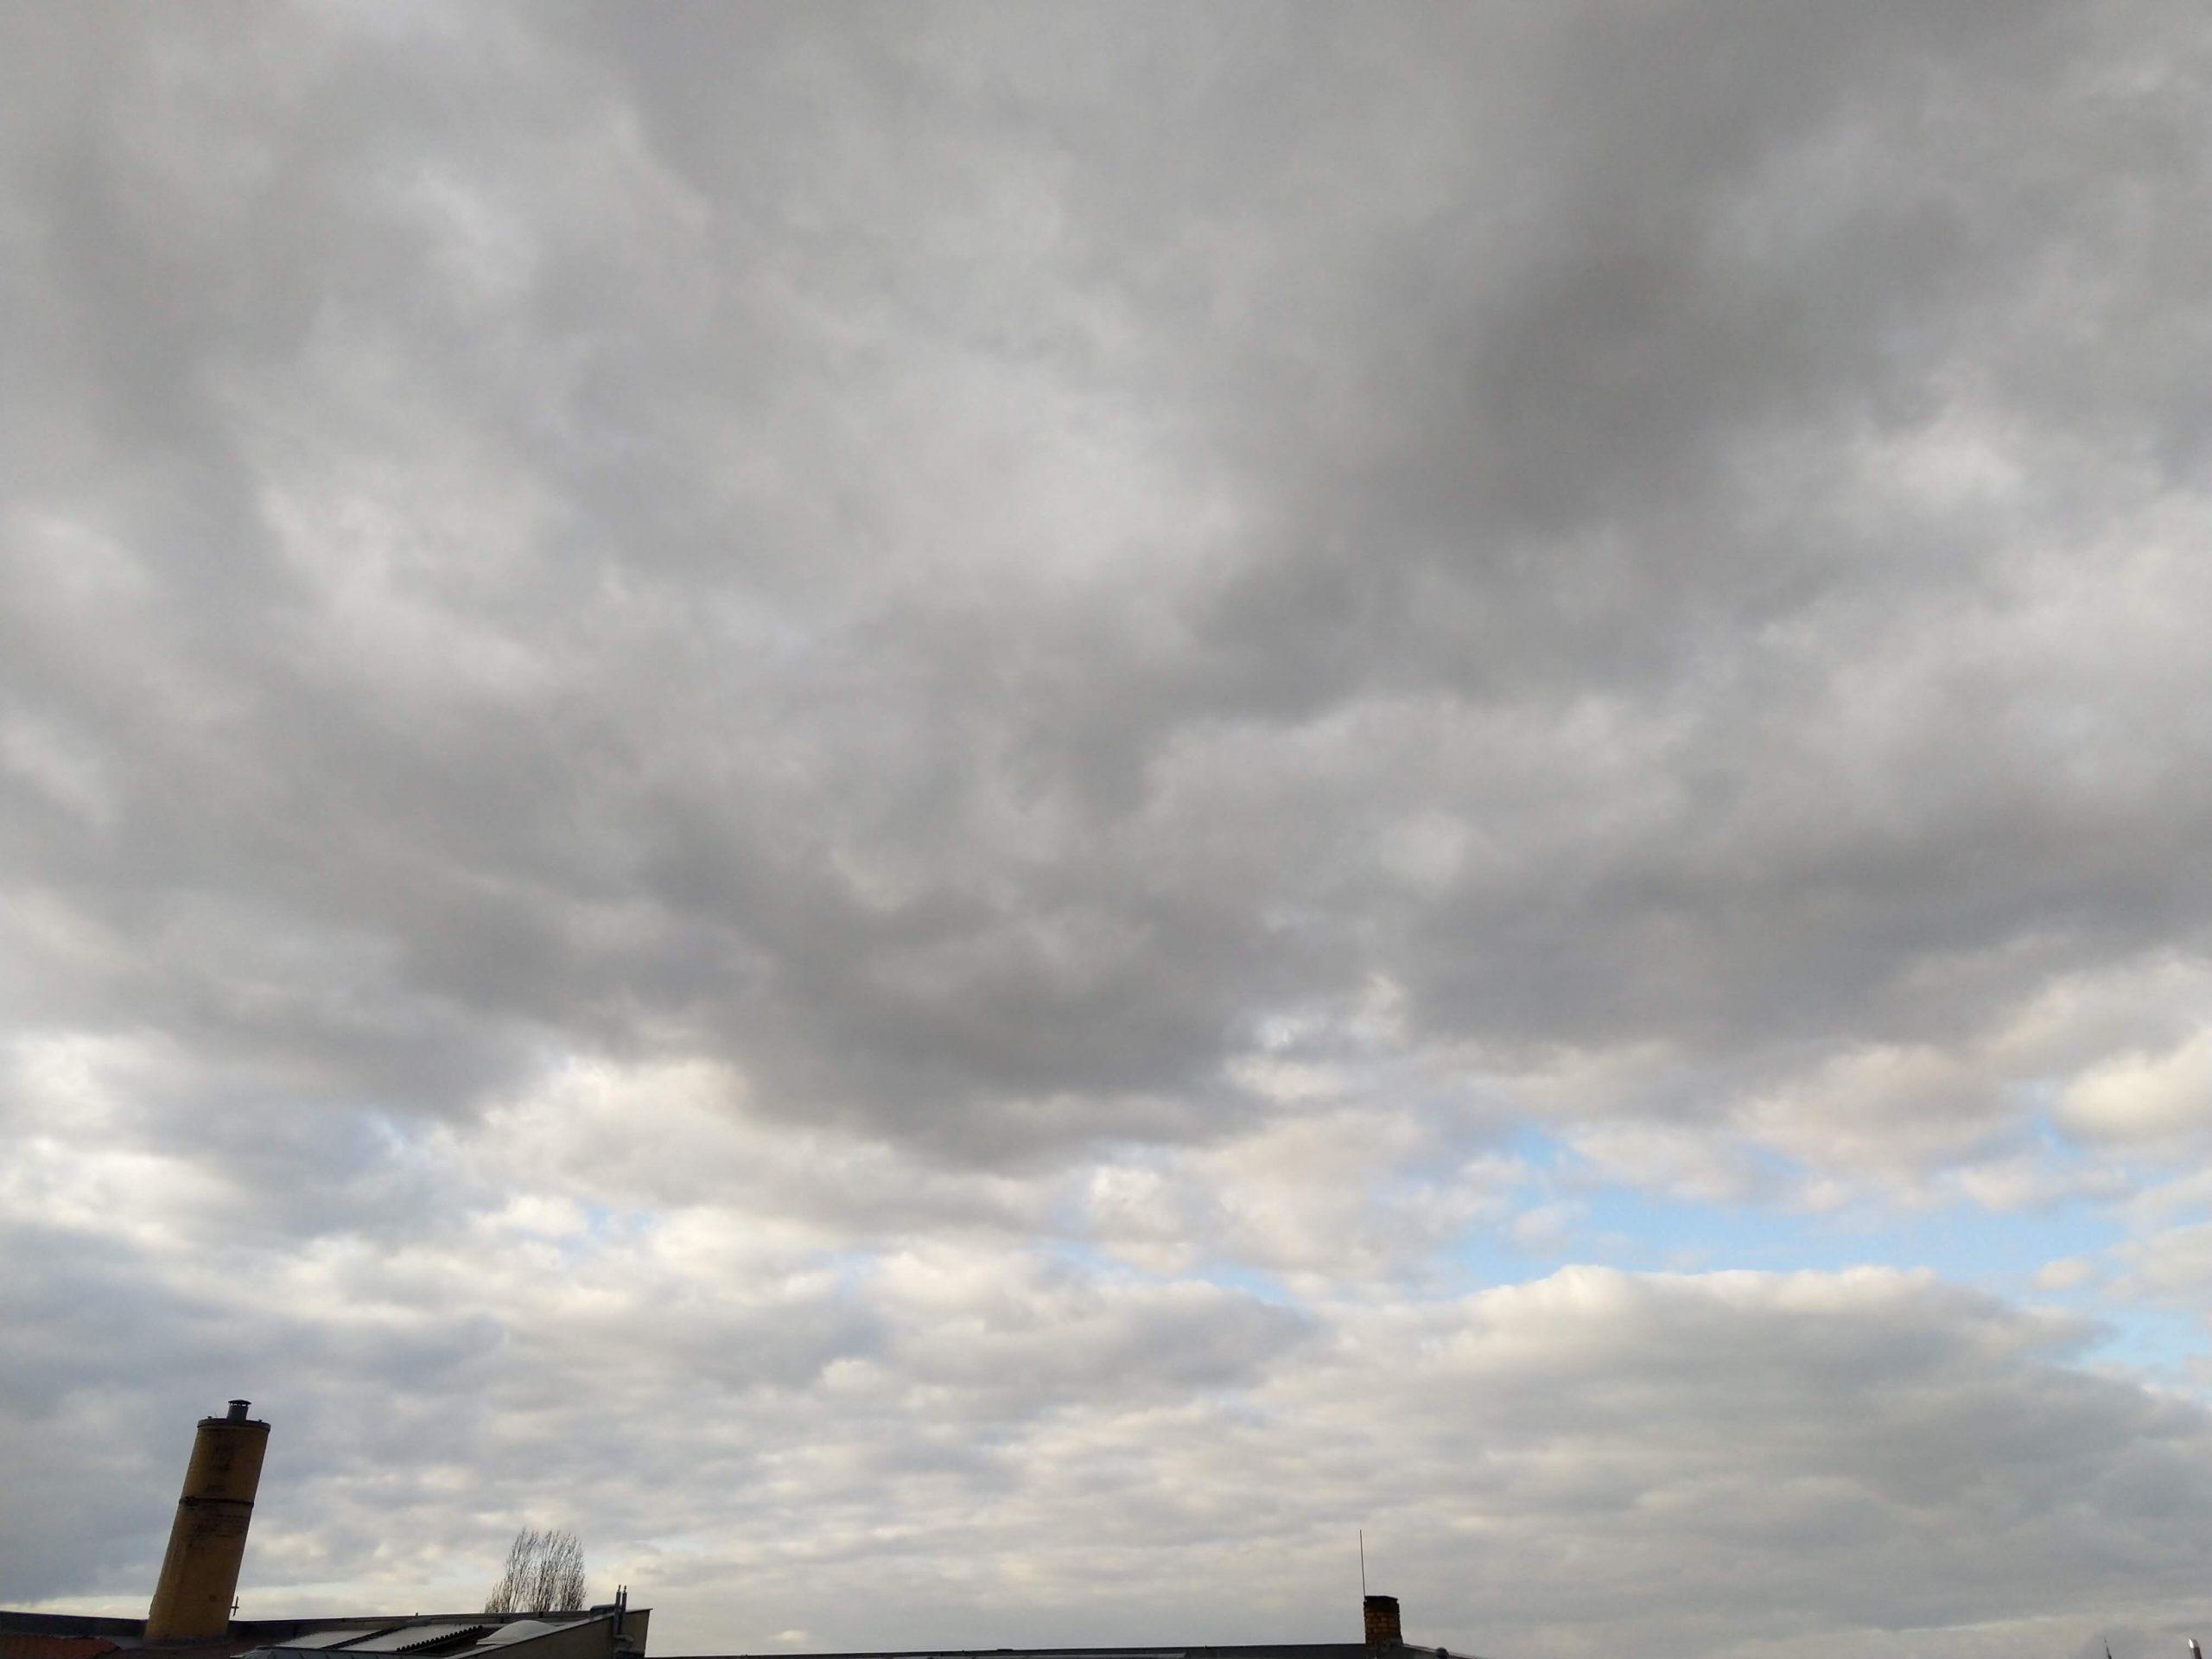 Dunkle Regenwolken, nur ein kleiner Fleck blauer Himmel